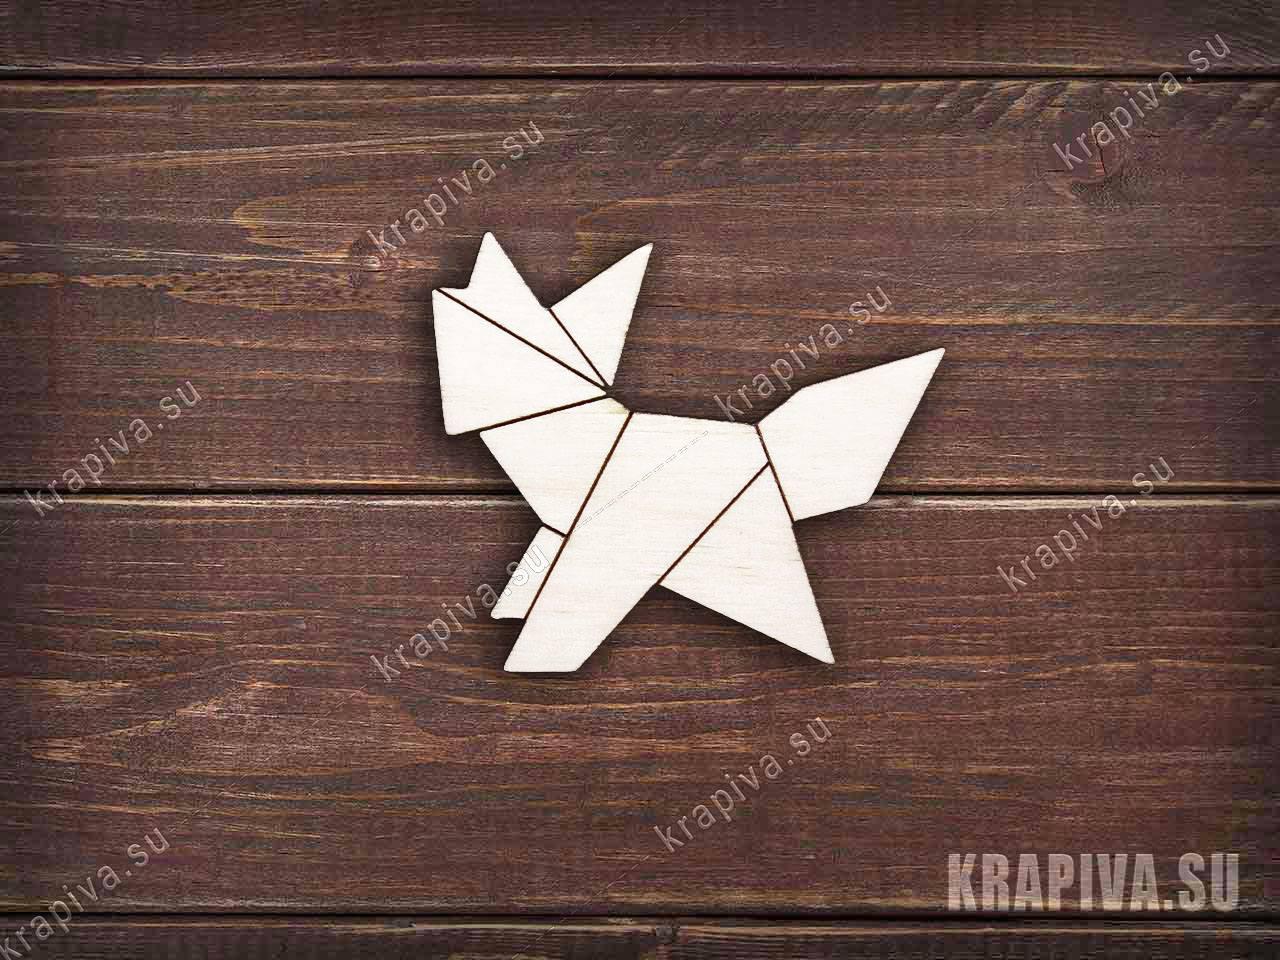 Заготовка значка Геометрическая лиса №7 из дерева (krapiva.su)